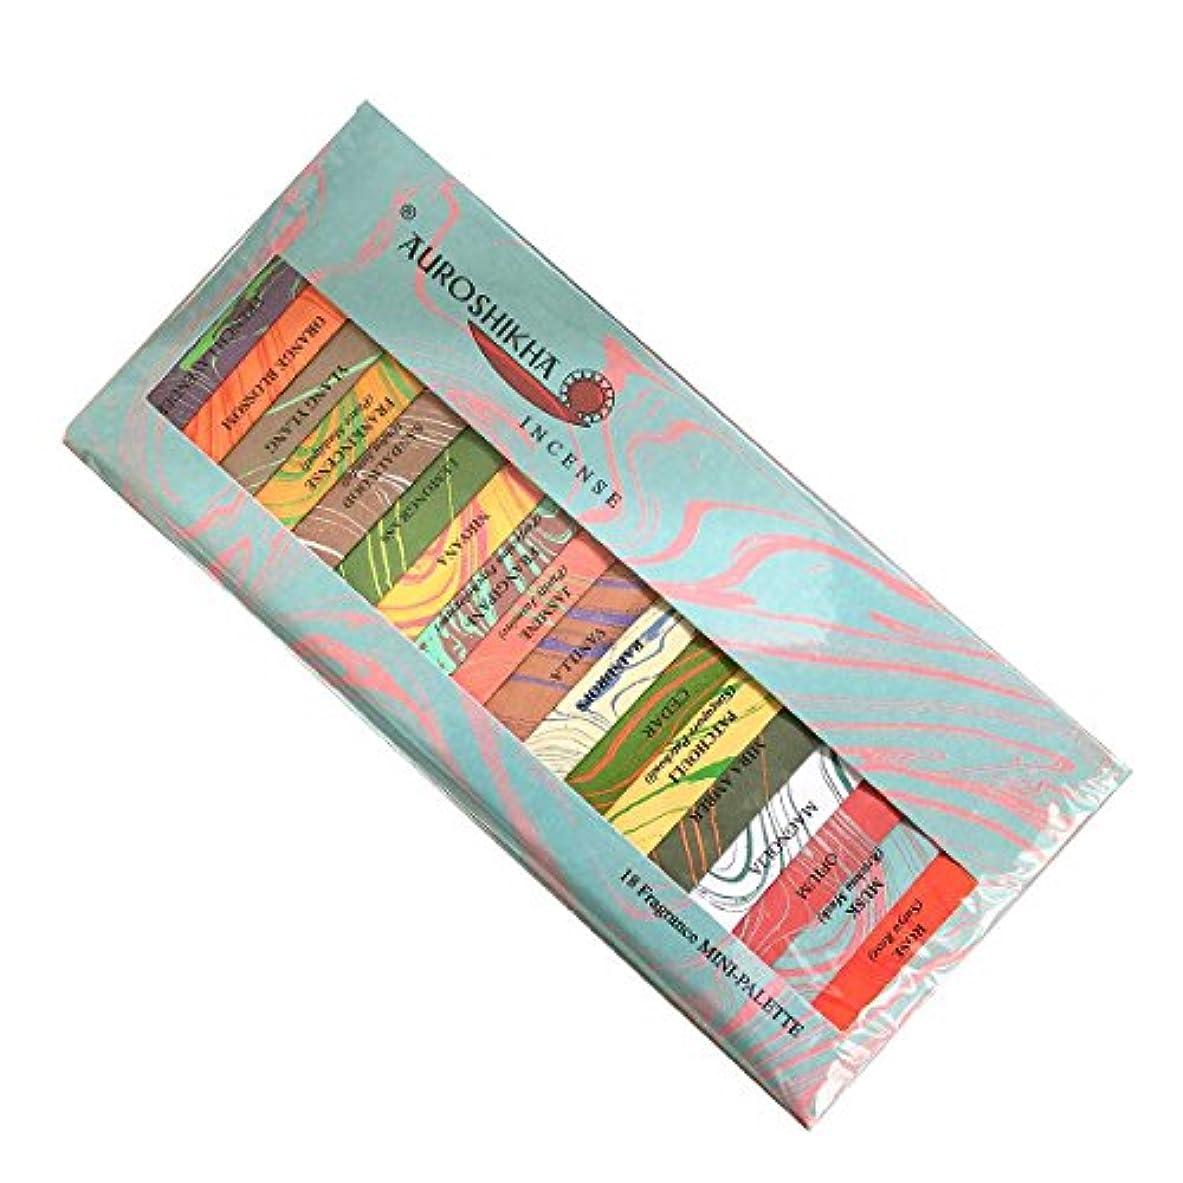 田舎者活発ひどくauroshikha (オウロシカ) マーブルパッケージ ミニパレット18種類の香りアソート スティック !